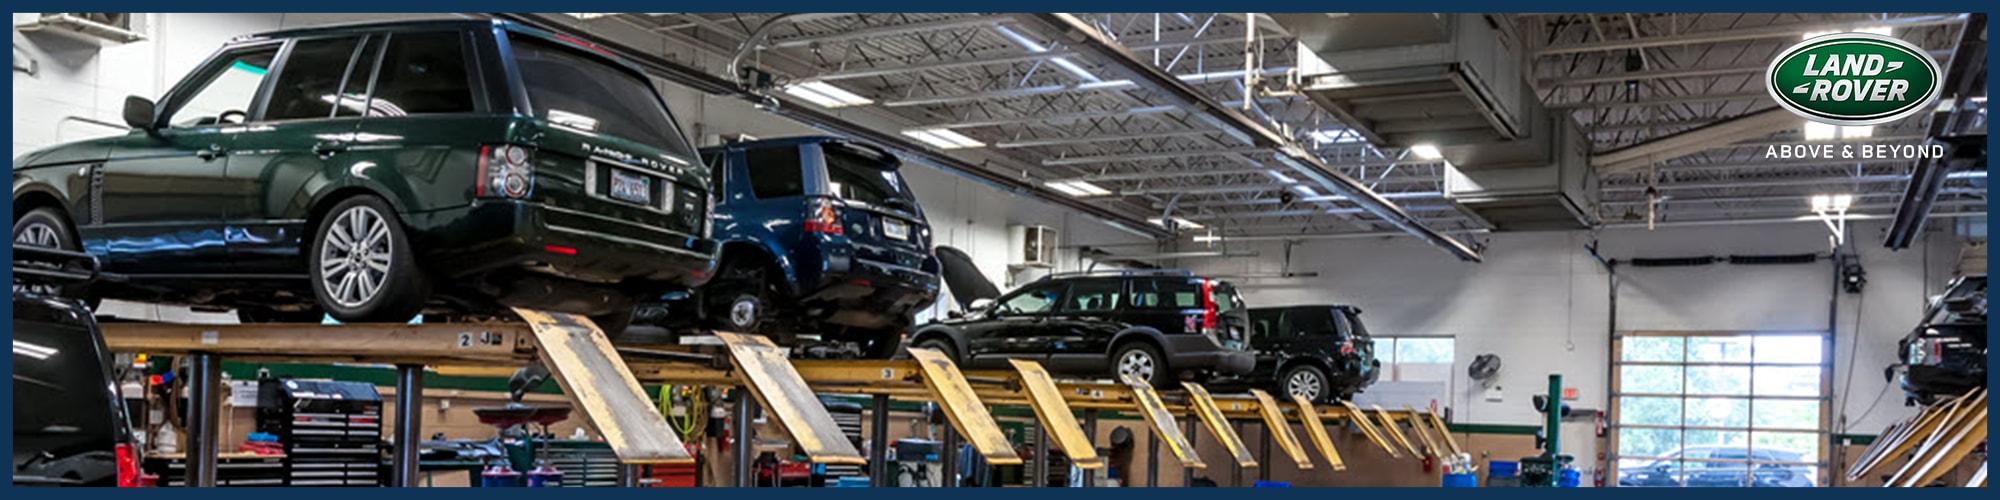 Land Rover Service Lake Bluff IL | Land Rover Lake Bluff Auto Repair